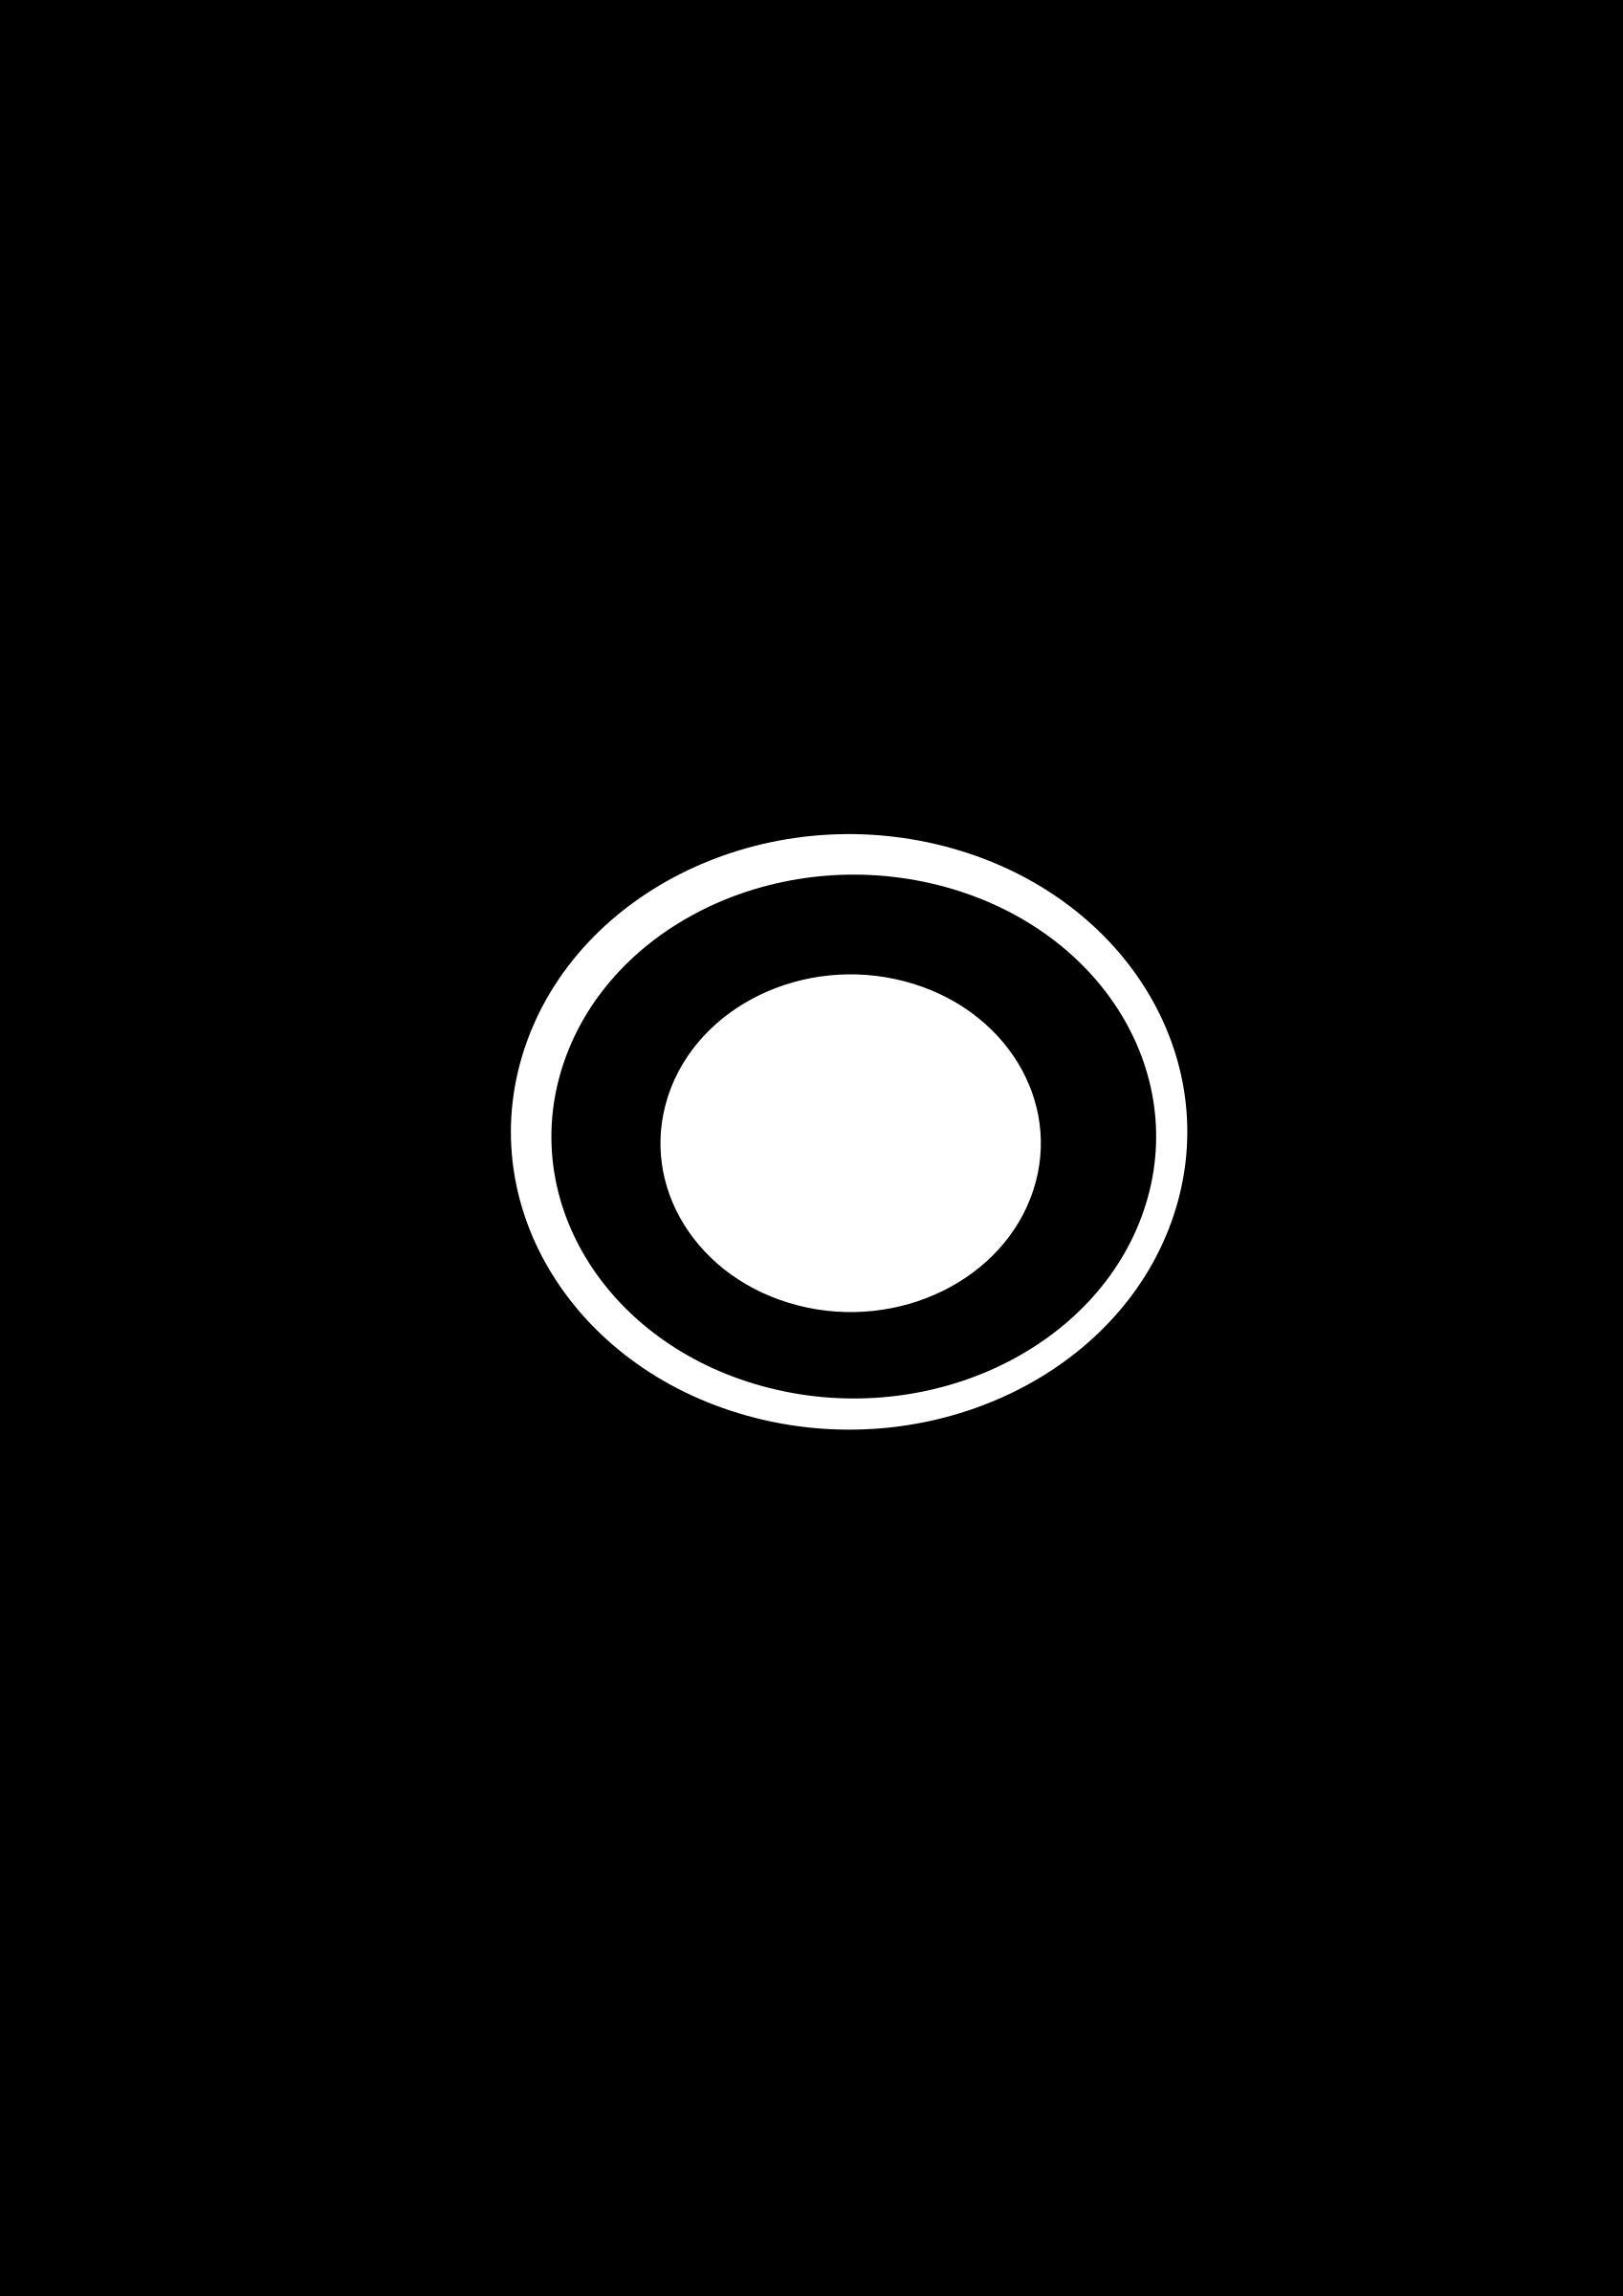 vector download Clip art big image. Clipart of a camera